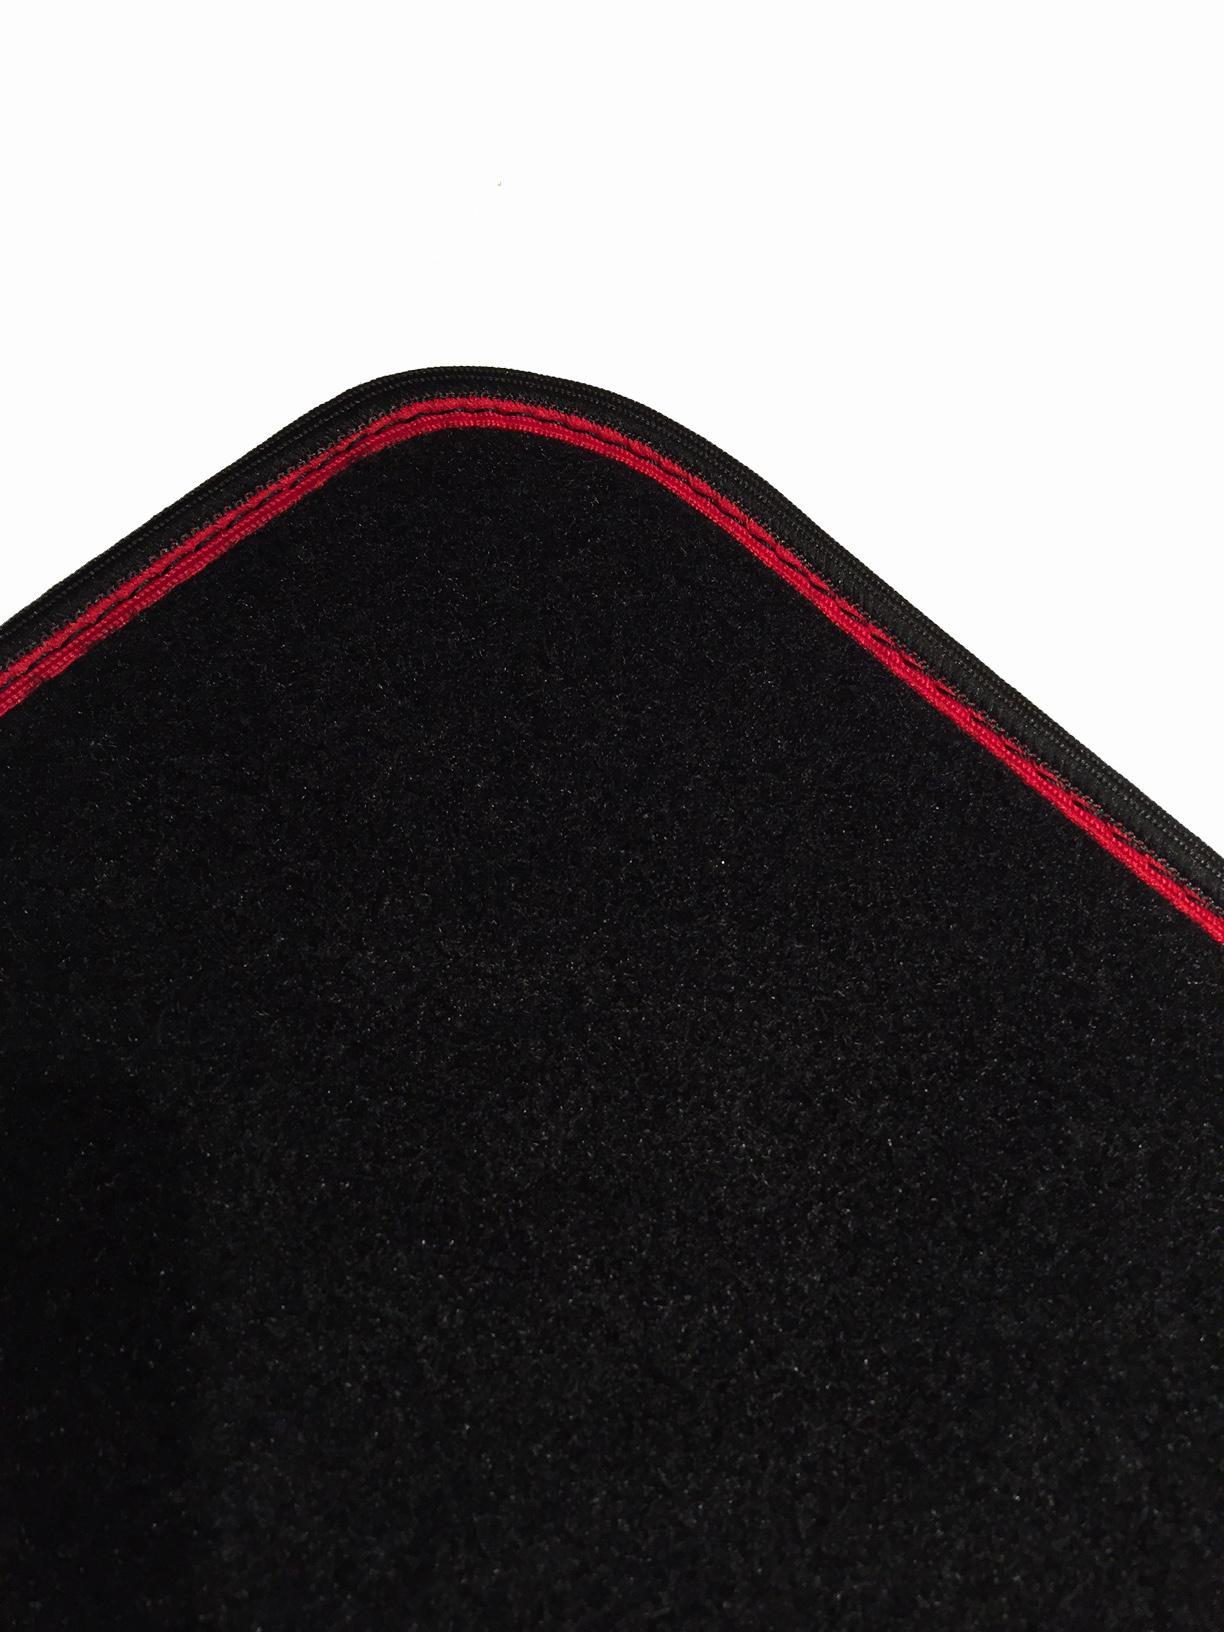 Conjunto de tapete de chão DBS 01765761 classificação